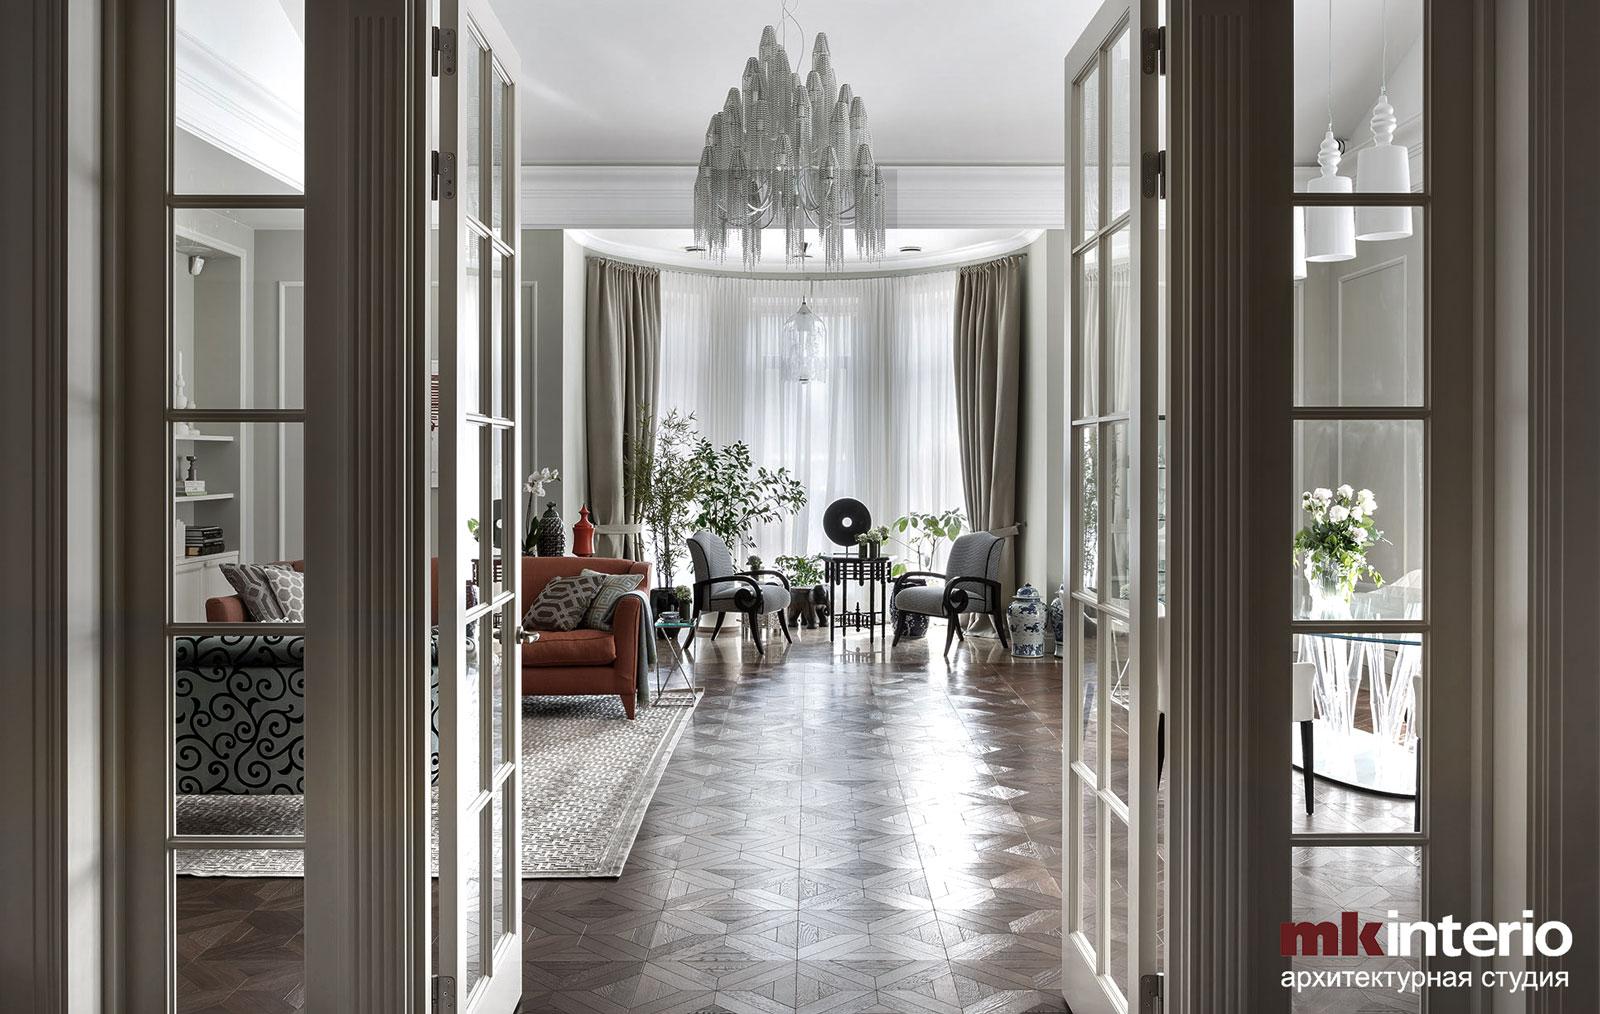 Дизайн интерьера дома 2357 кв.м.